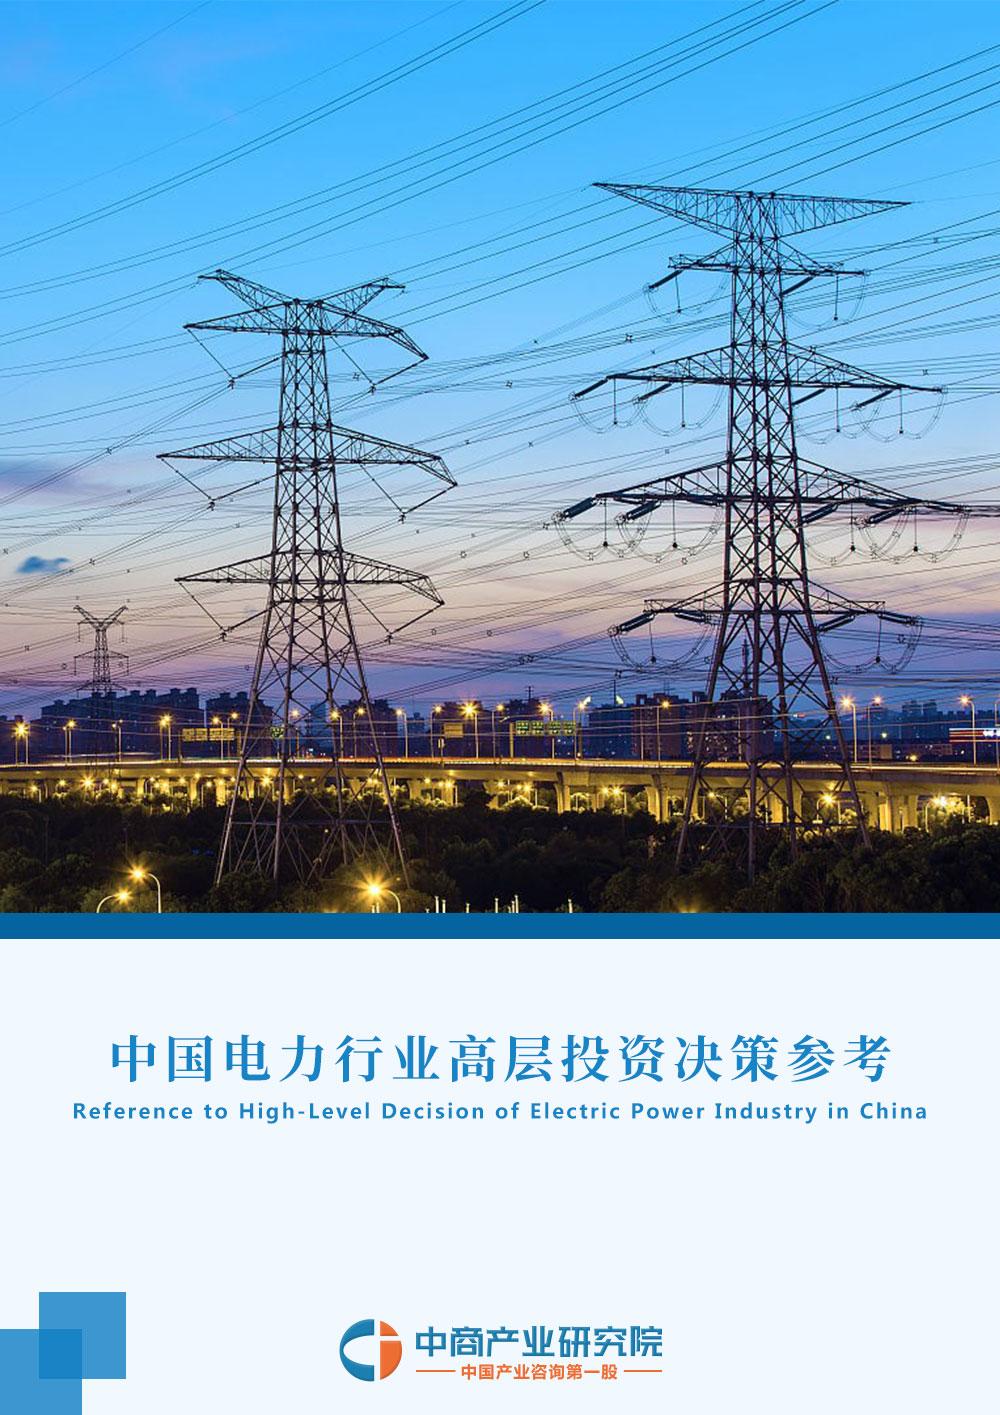 中国电力行业投资决策参考(2019年11月)